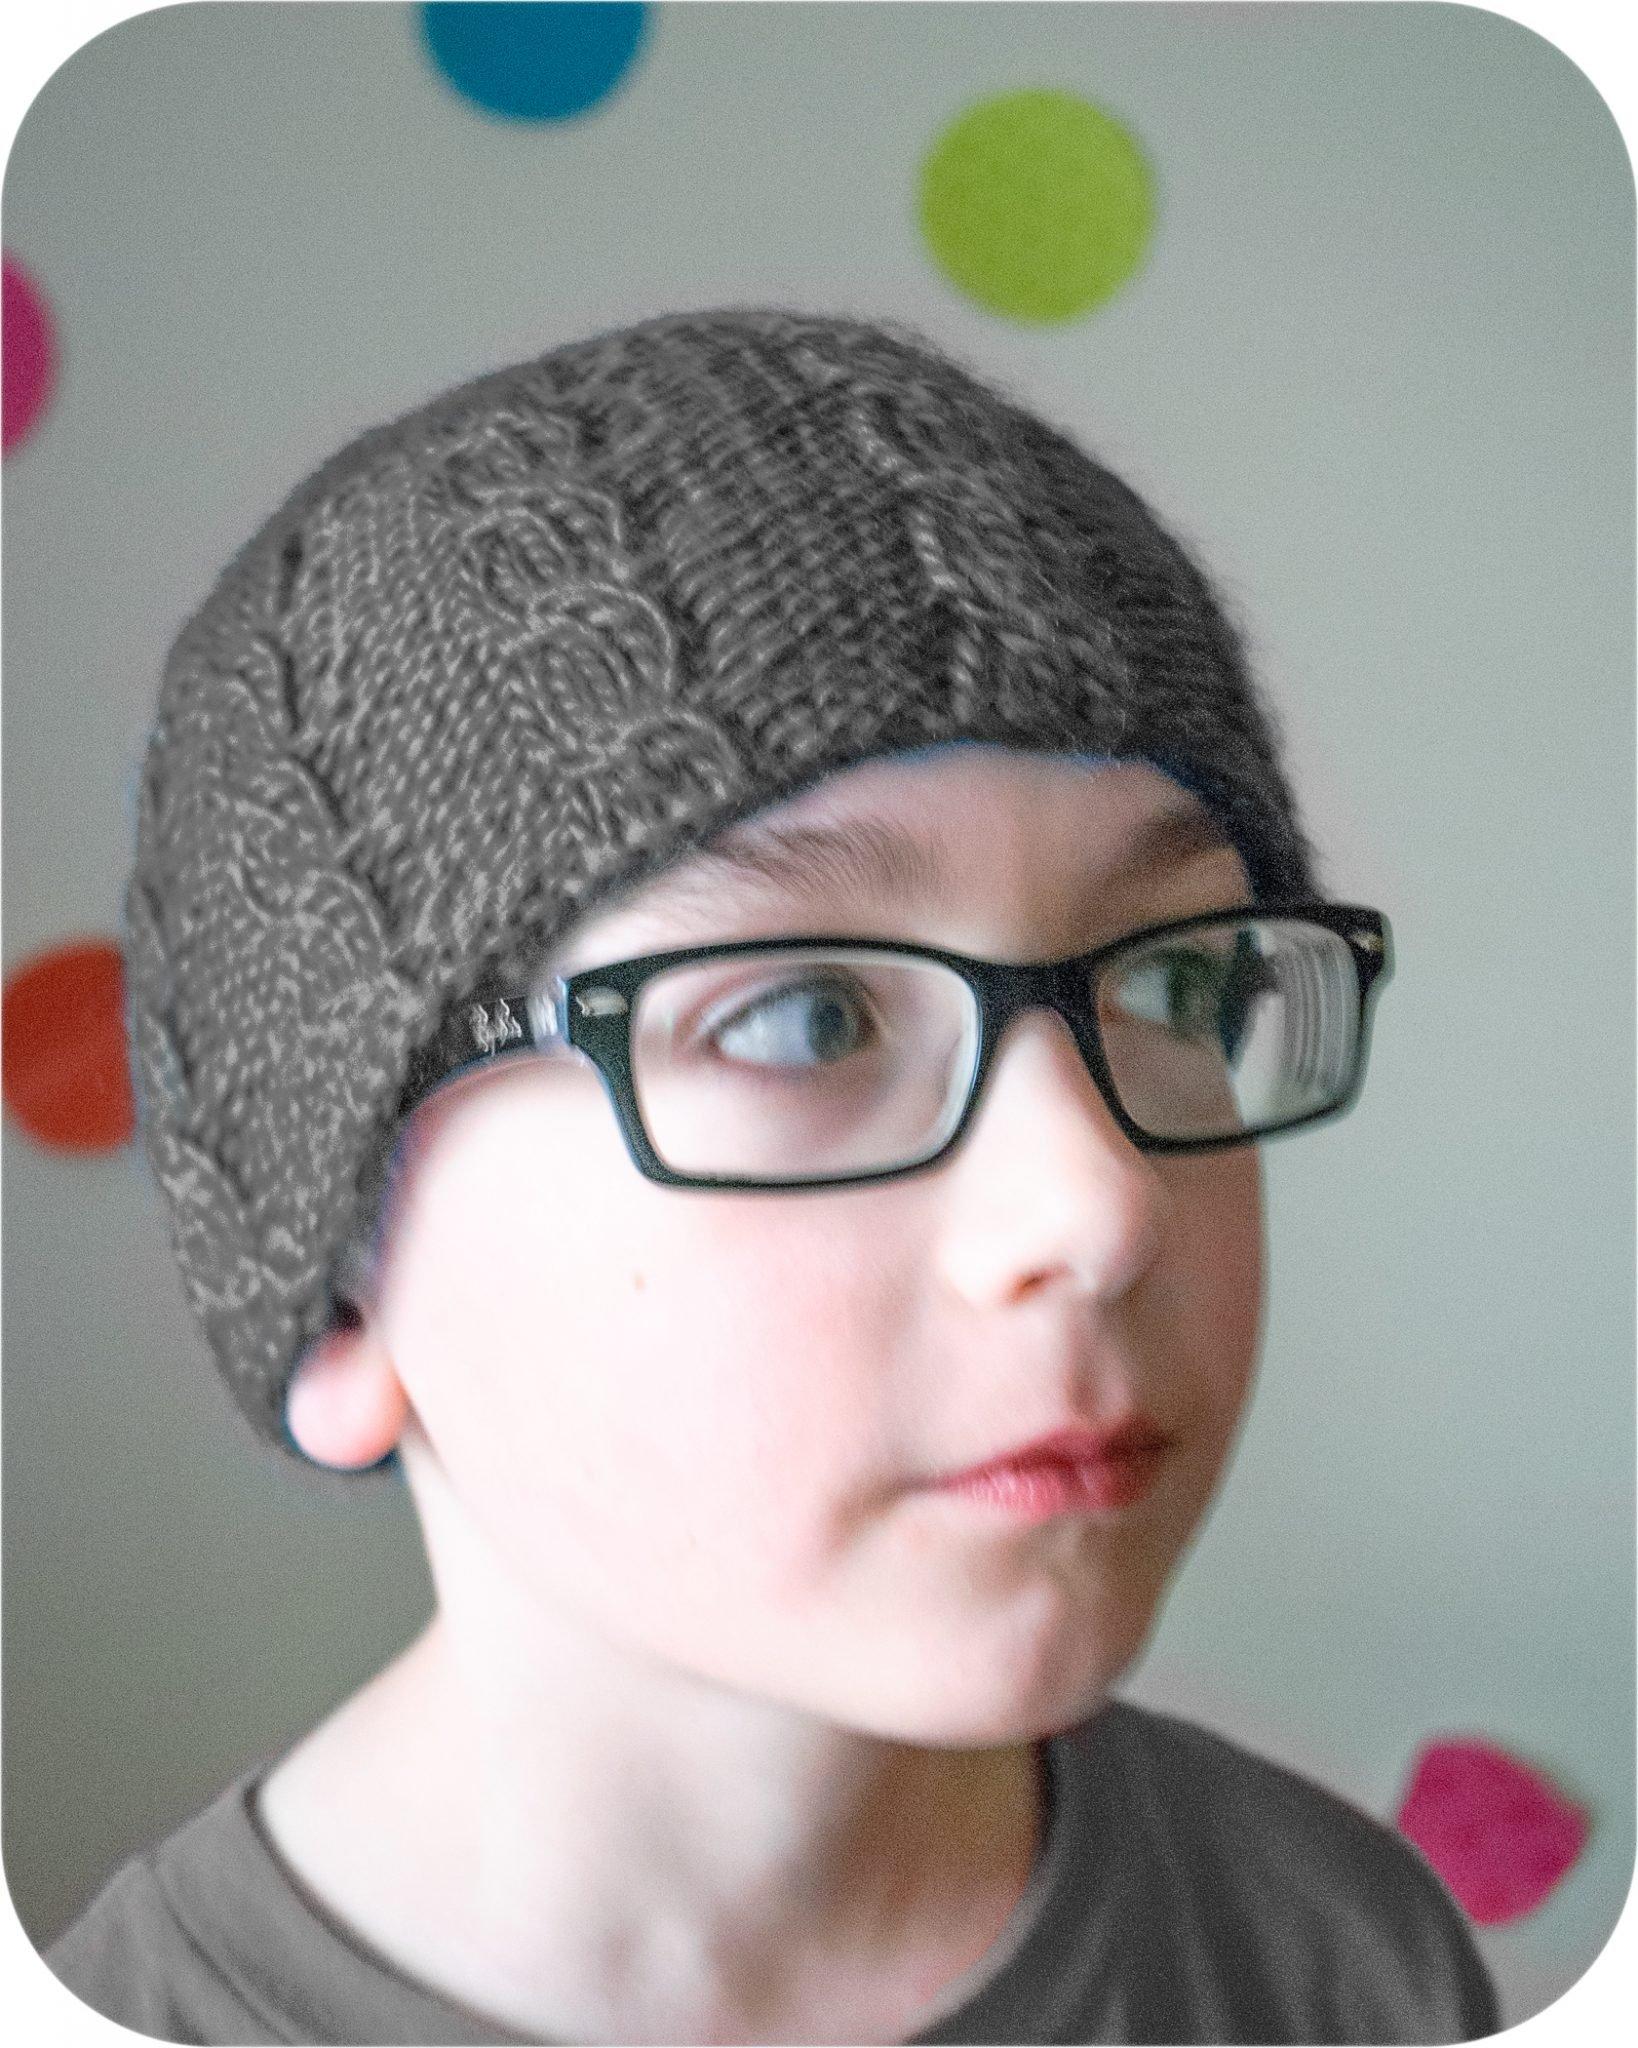 Monster Hat Knitting Pattern : The Jongen Hat PDF Knitting Pattern   The Eli Monster